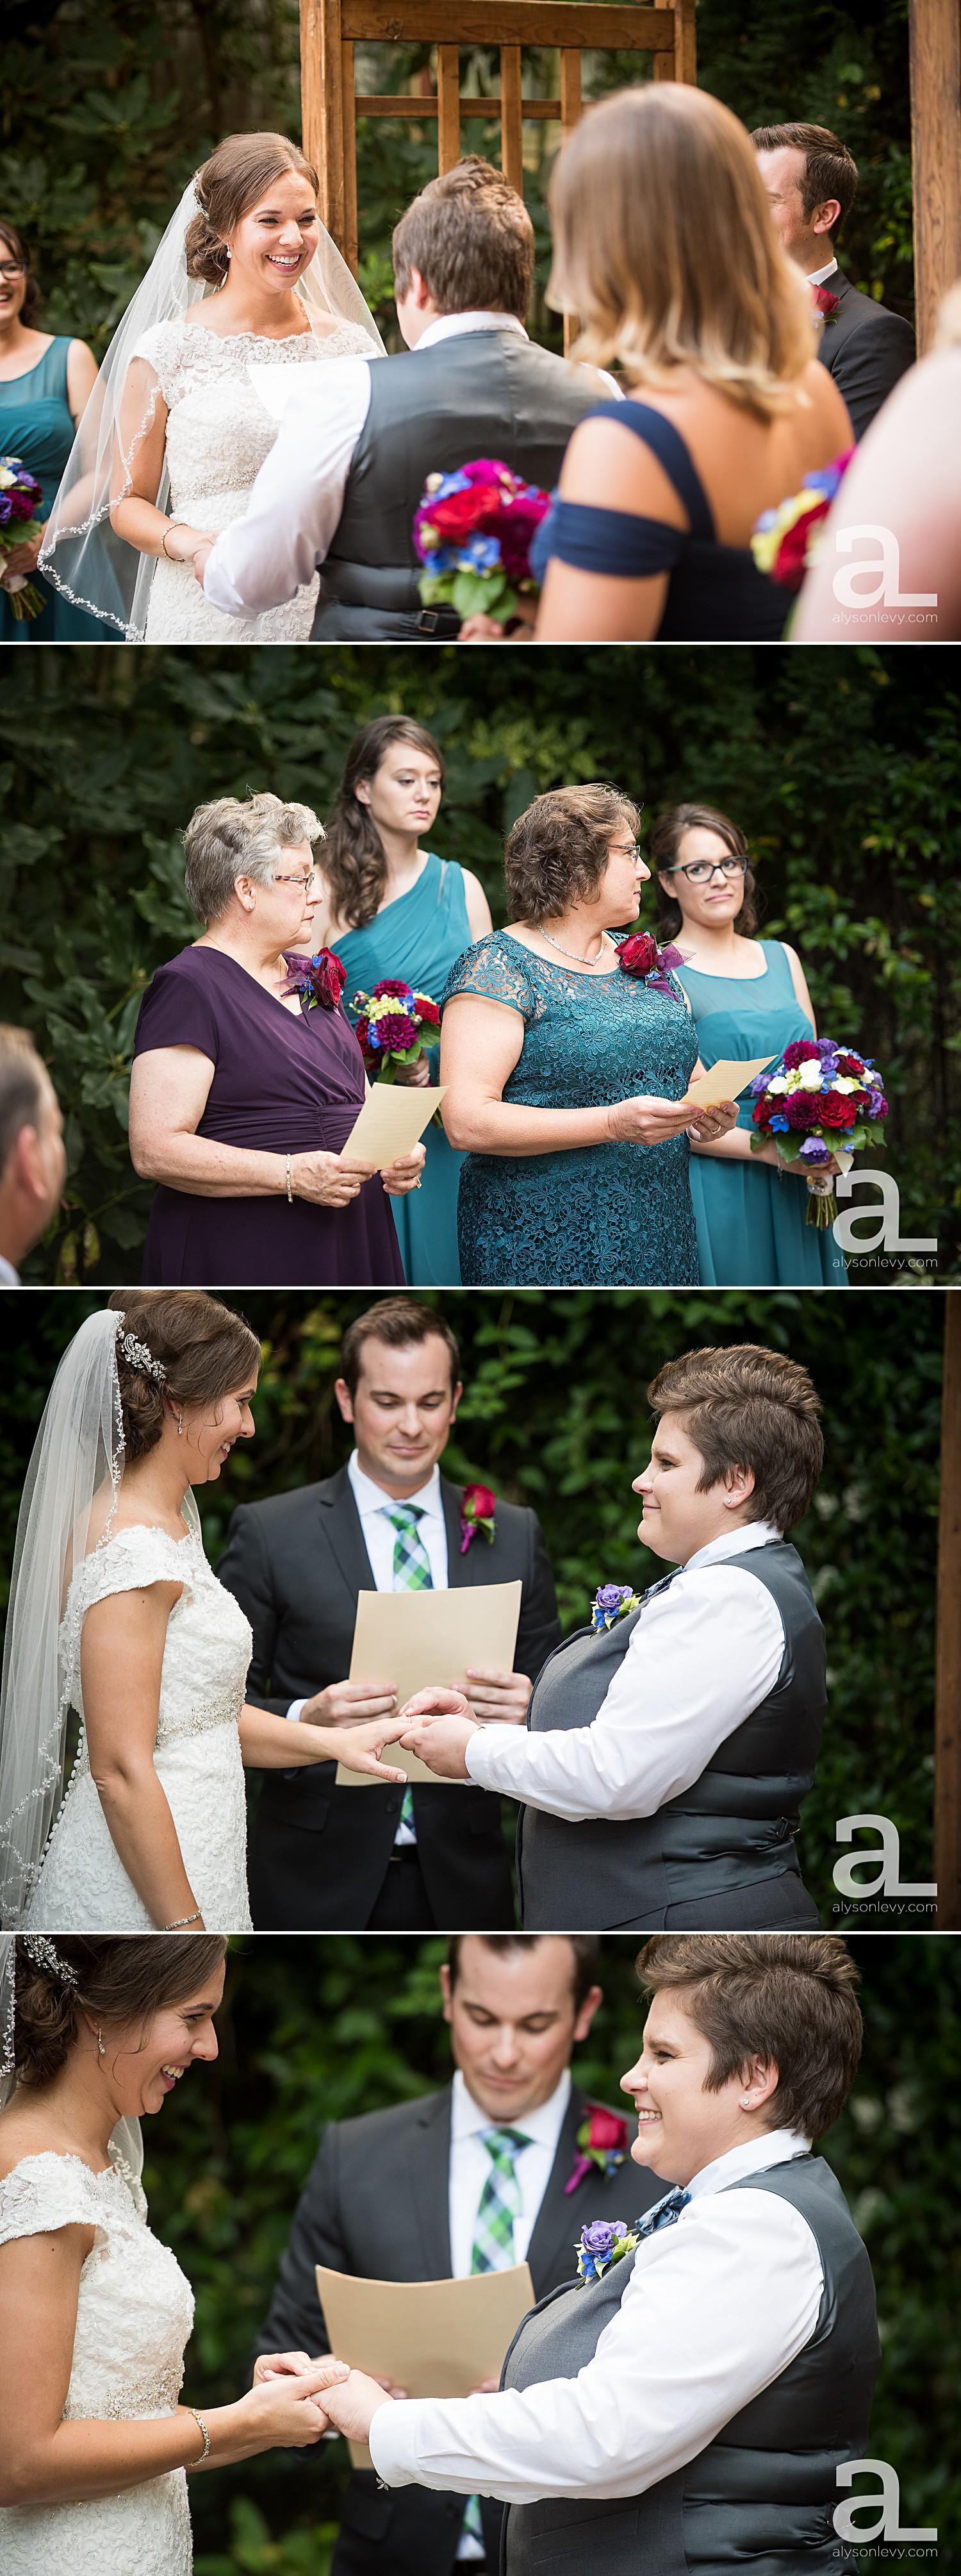 Portland-Kennedy-School-Gay-Wedding-Photography_0014.jpg